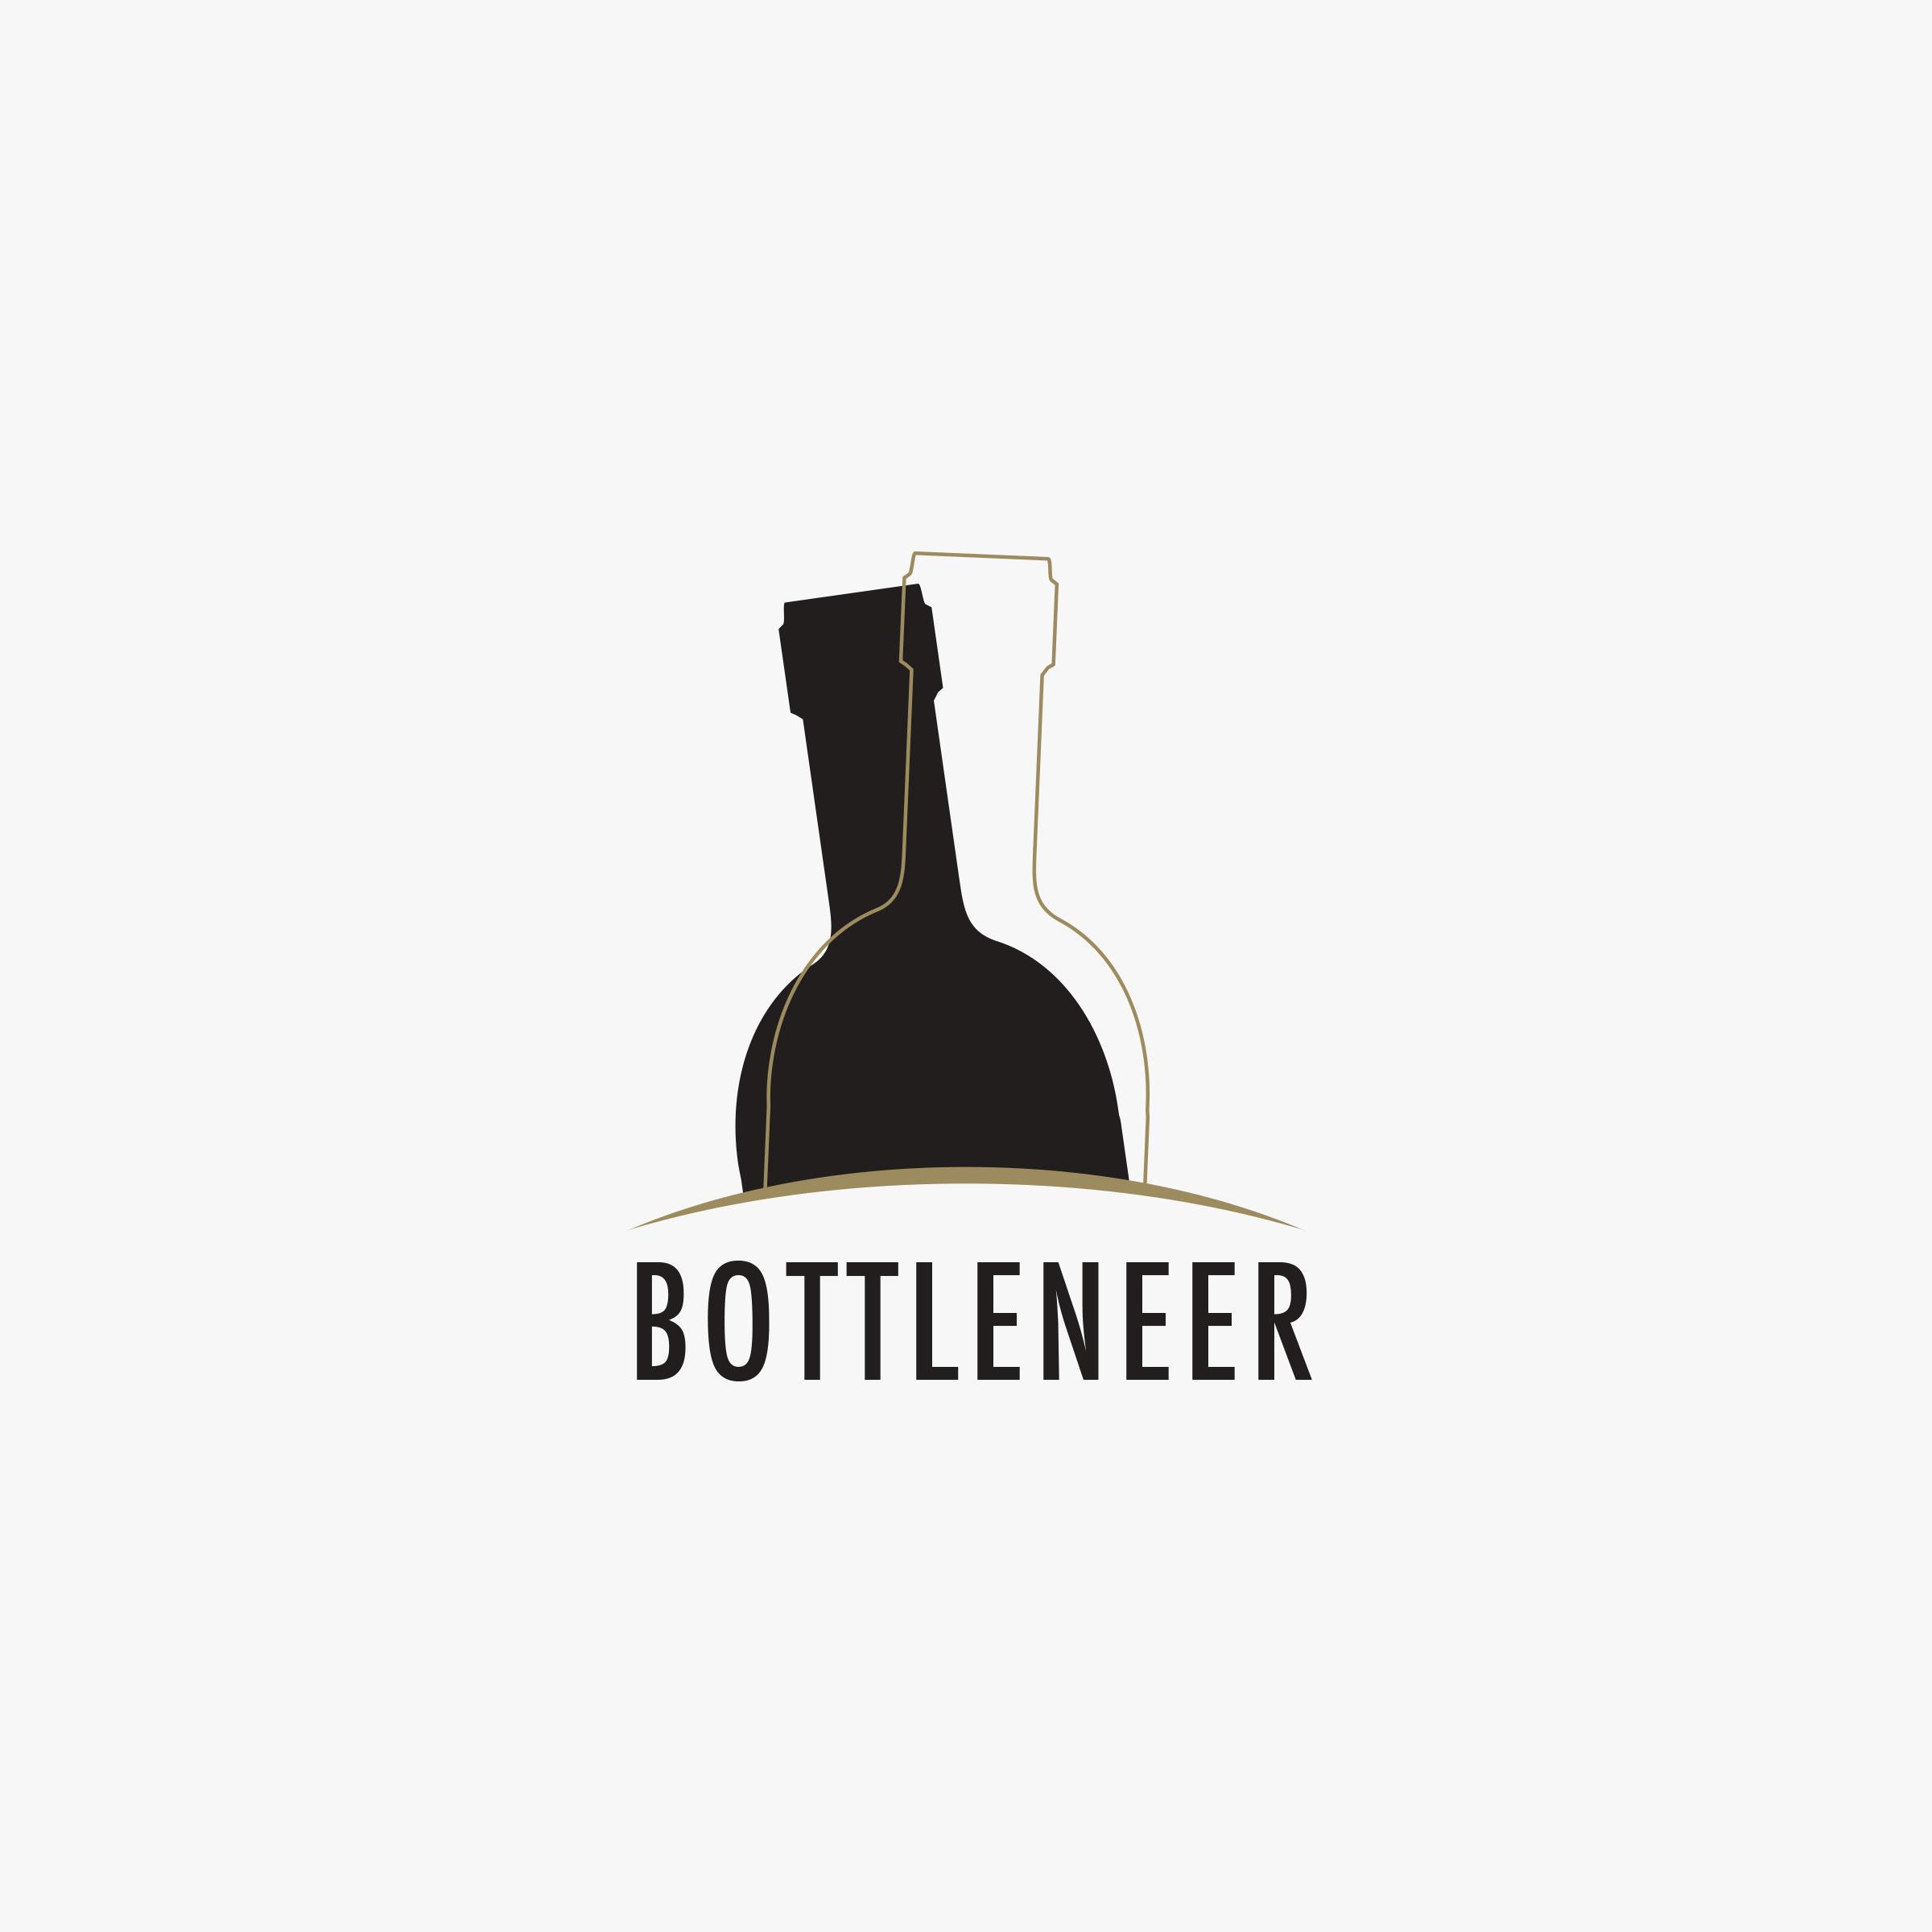 bottleneer-logo-design-by-create.jpg